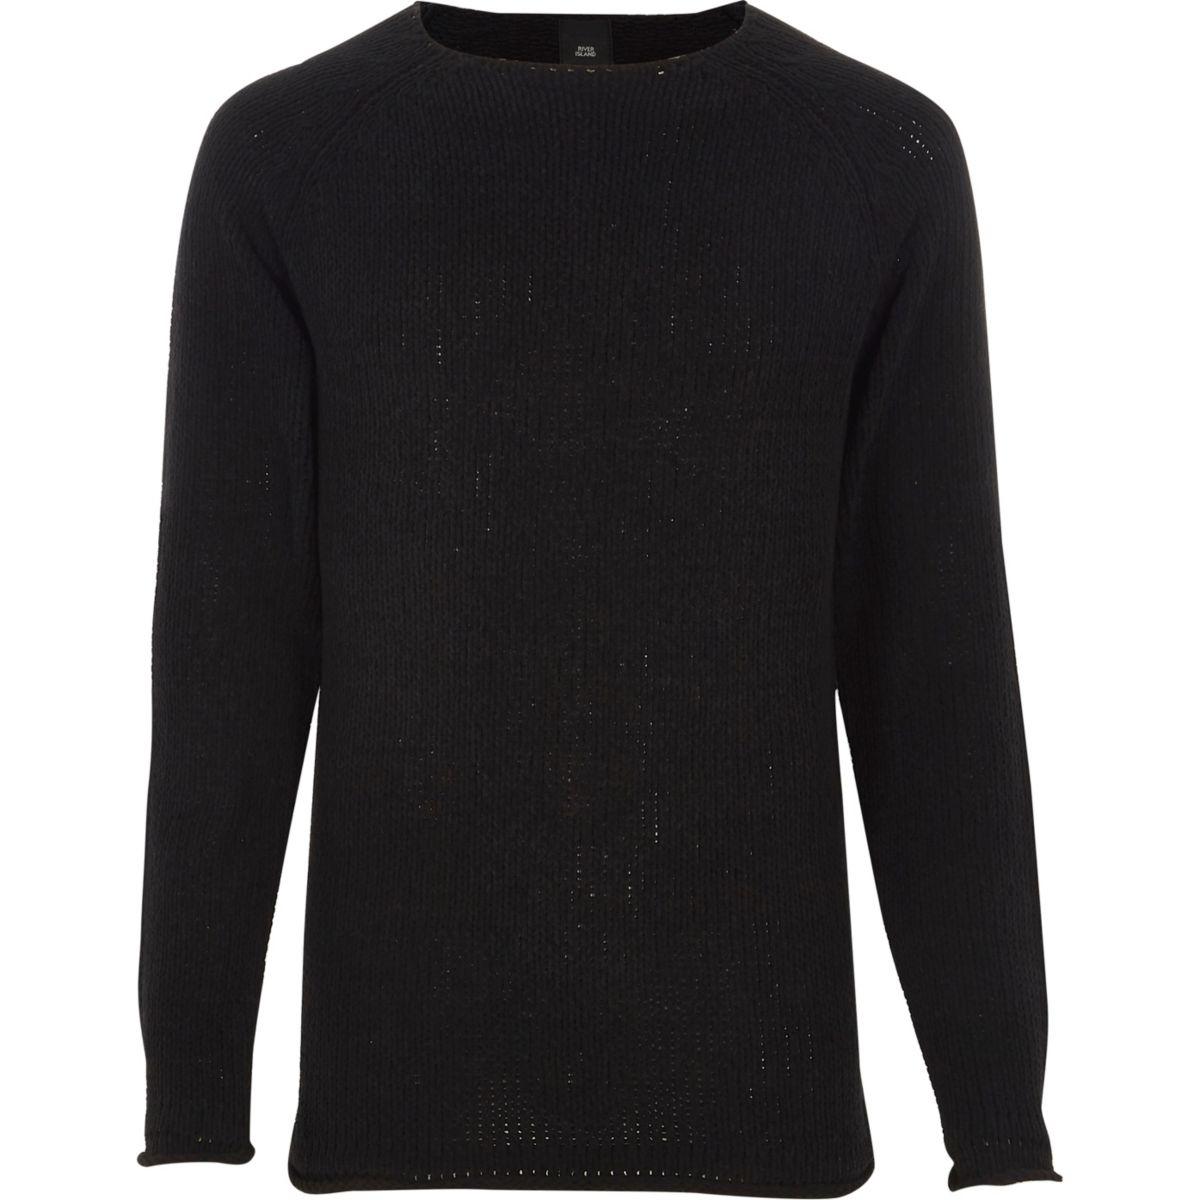 Black raw edge chenille knit jumper